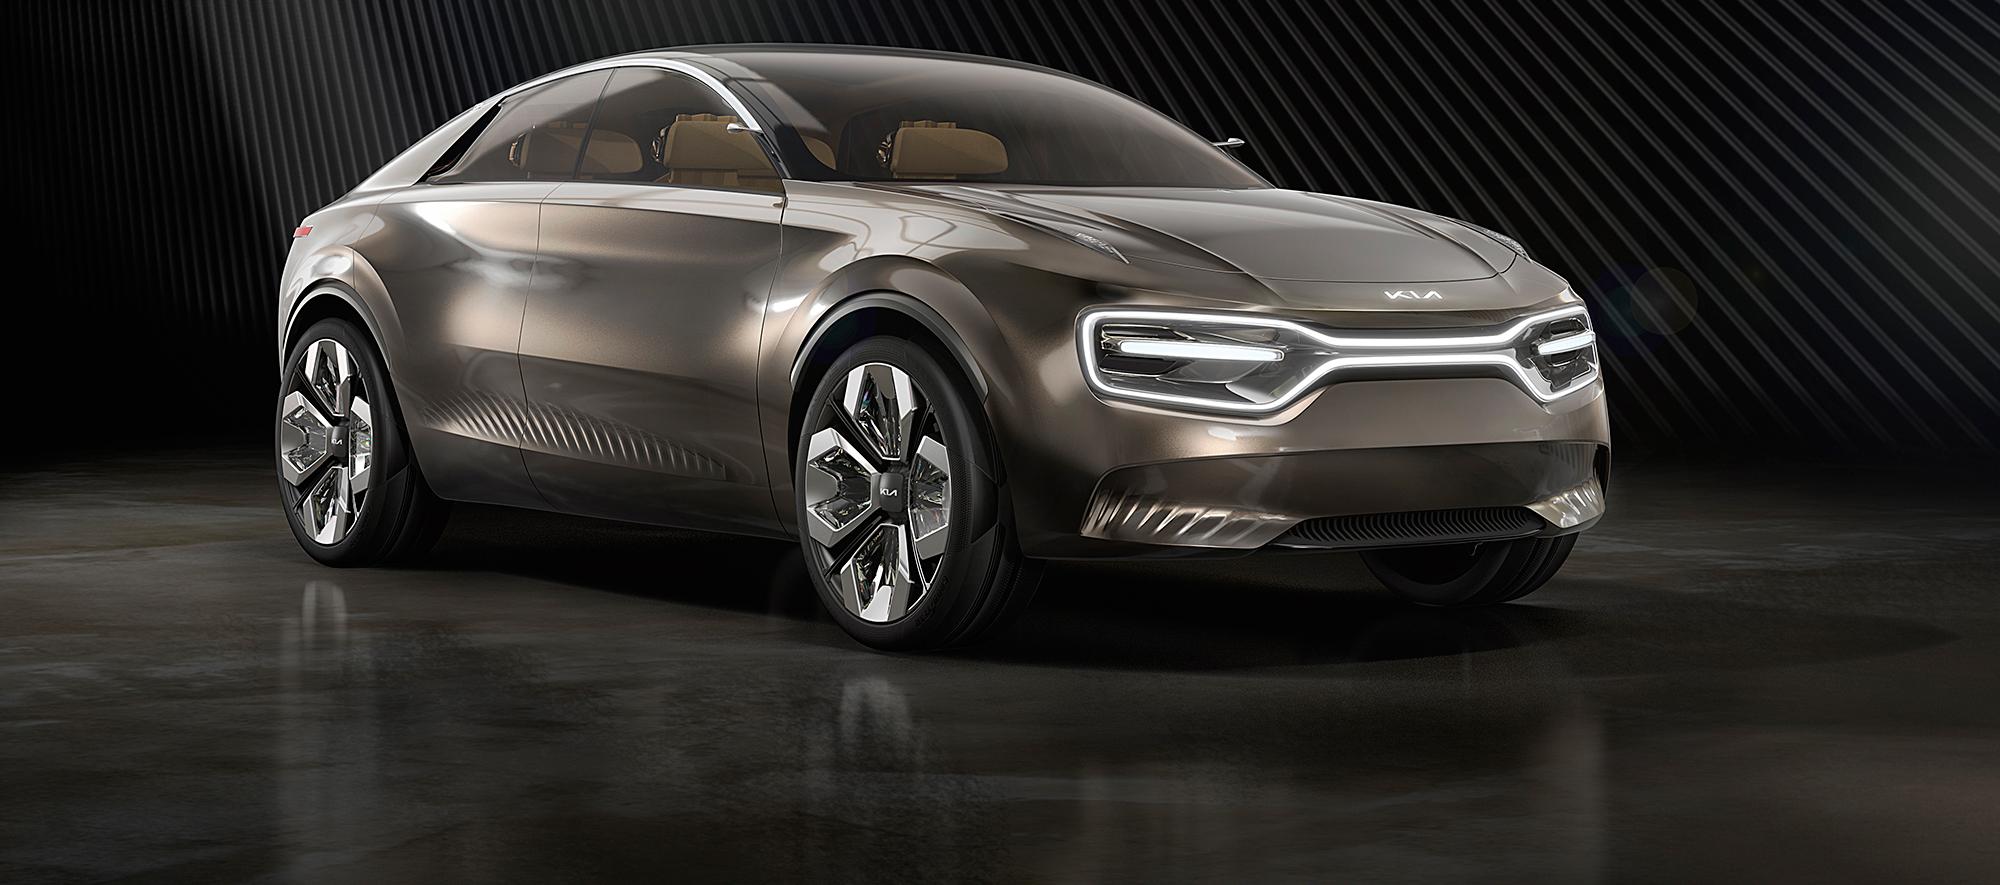 KIA presenta su nuevo Concept Car eléctrico